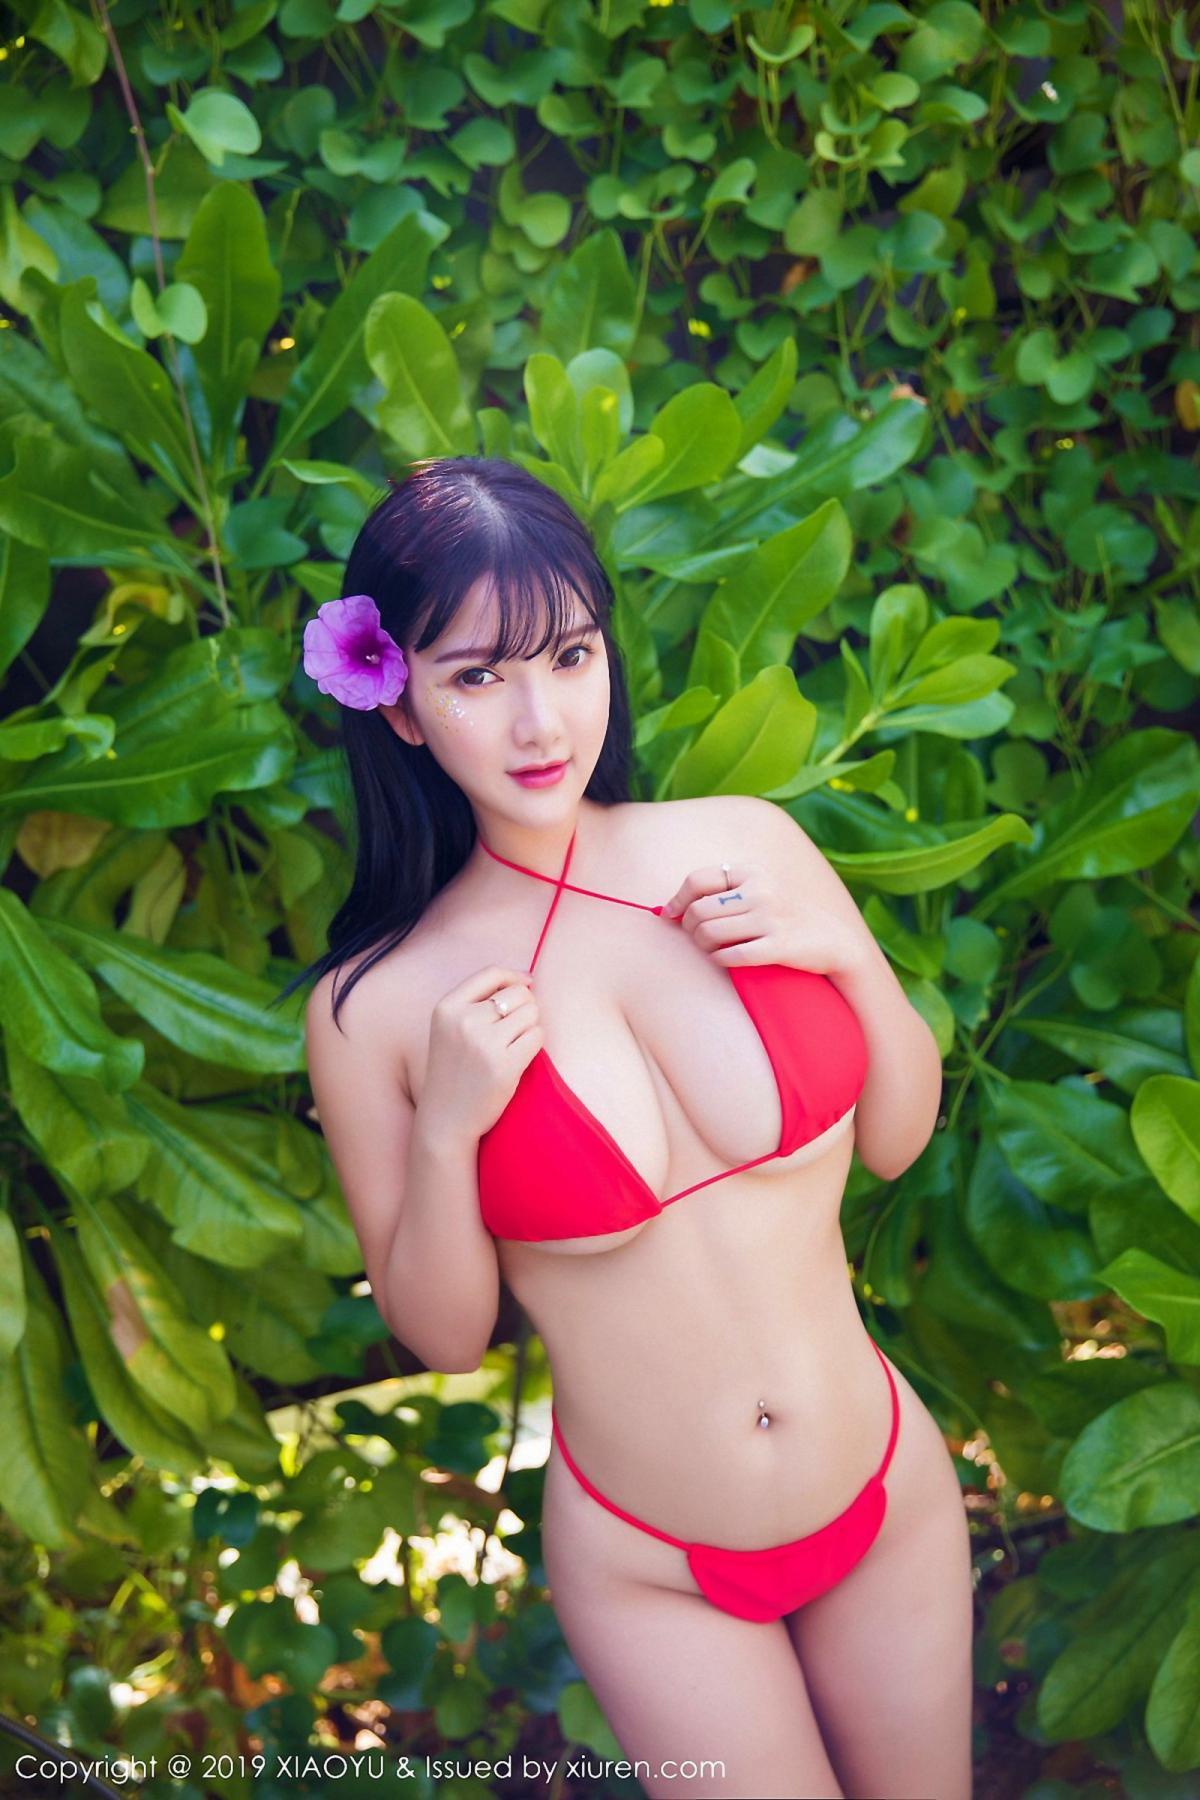 [XiaoYu] Vol.029 Lu Lu Xiao Miao 11P, Bikini, Lu Lu Xiao Miao, Wet, XiaoYu